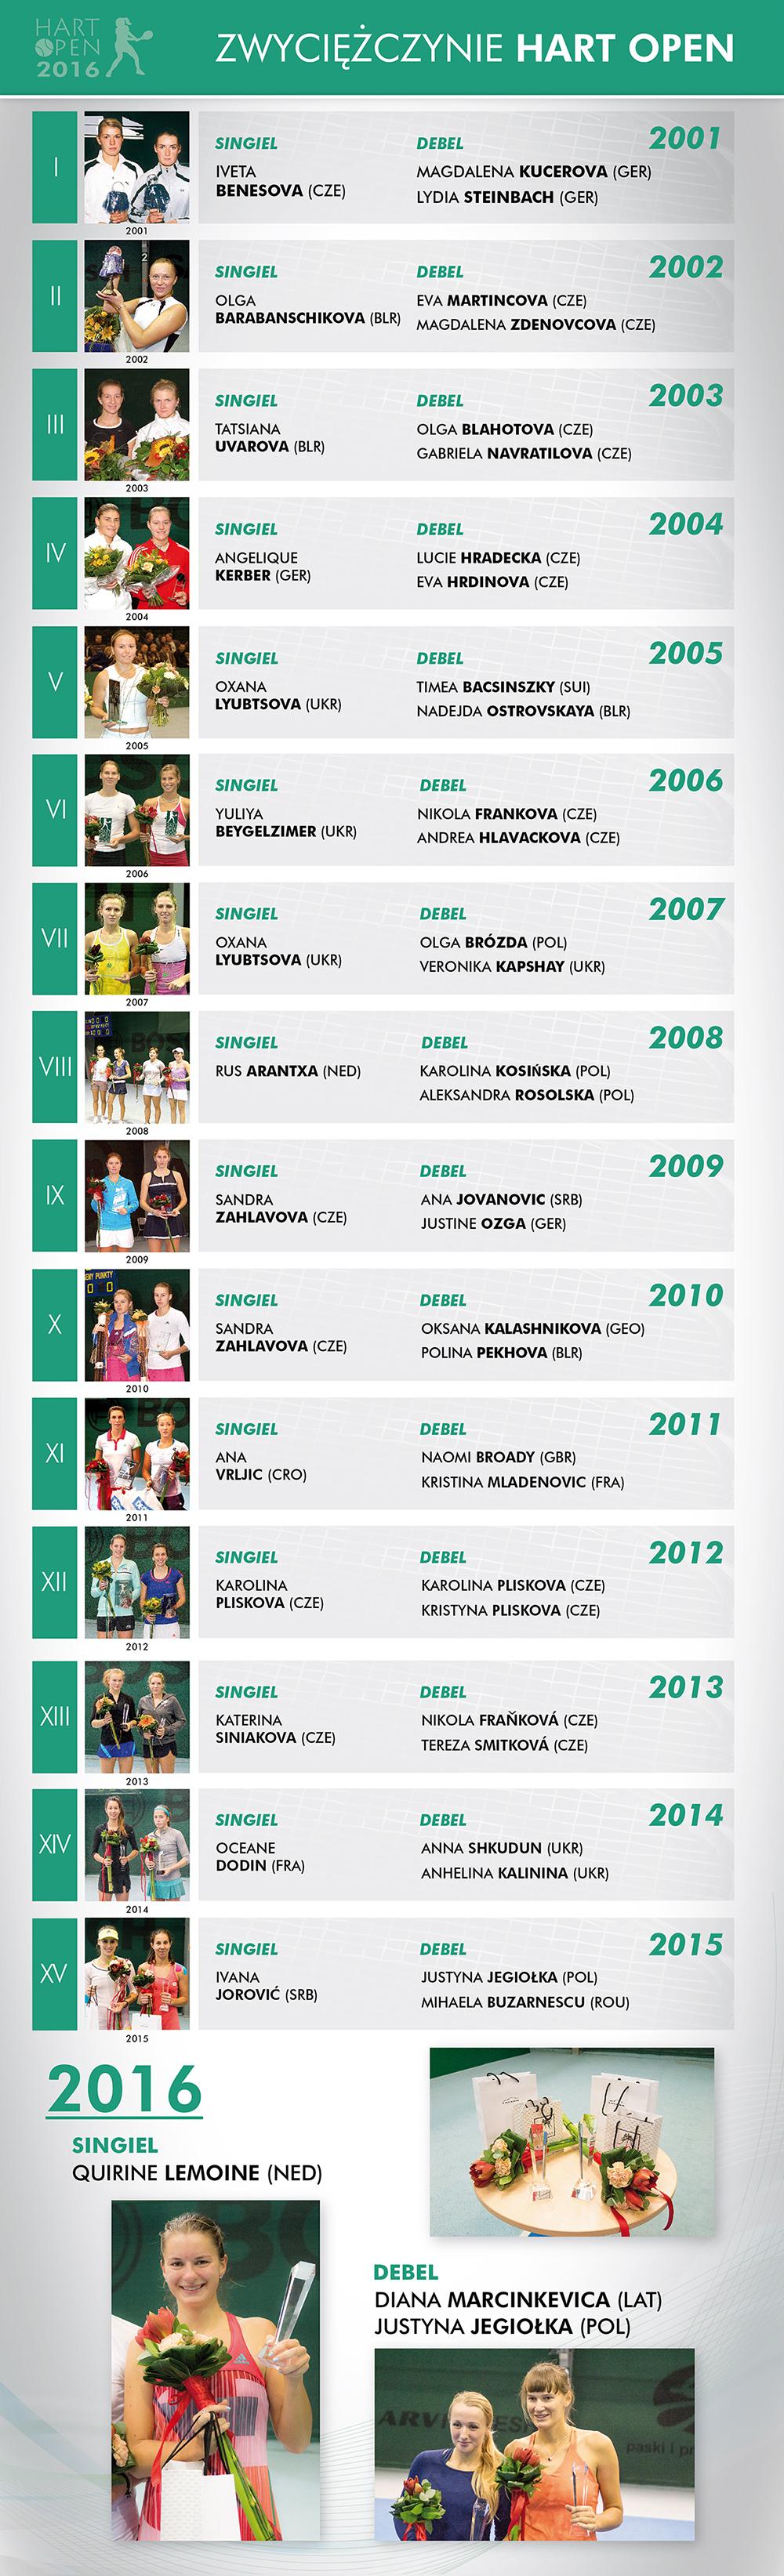 Zwyciężczynie 2001-2012